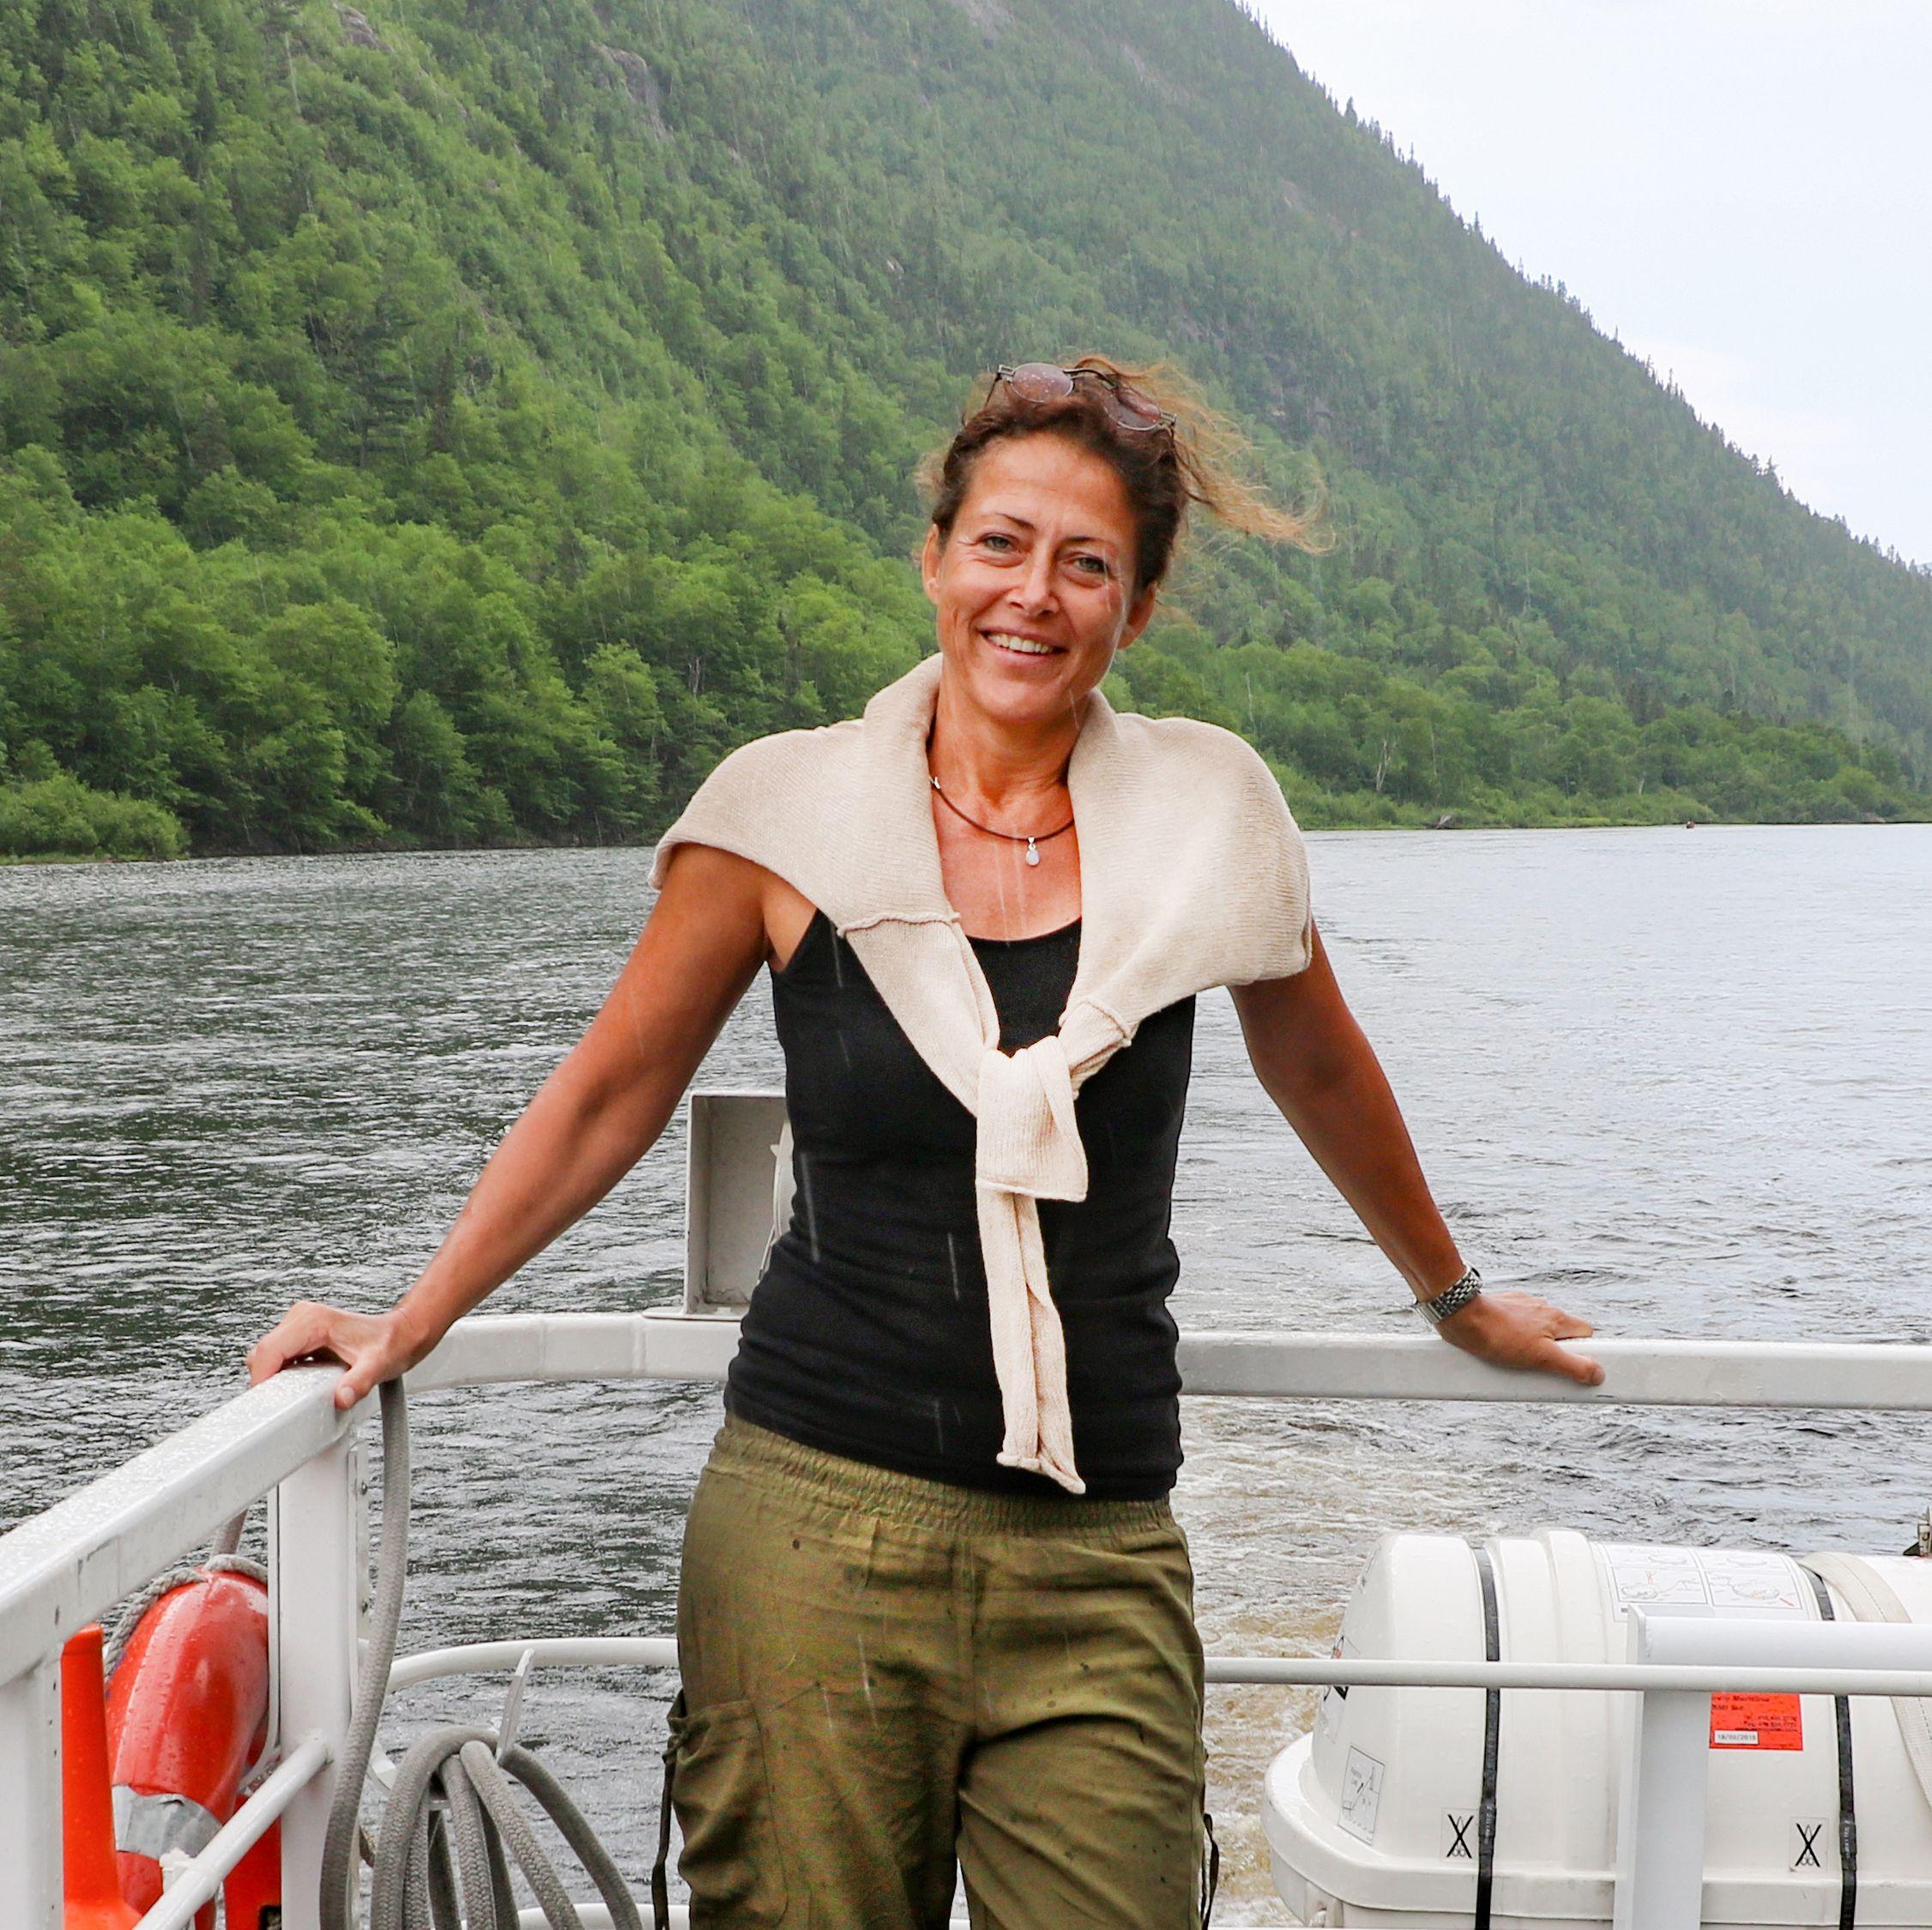 Mitarbeiterin Stefanie Kindl bei einer Bootstour auf dem Malbaie River in Kanada